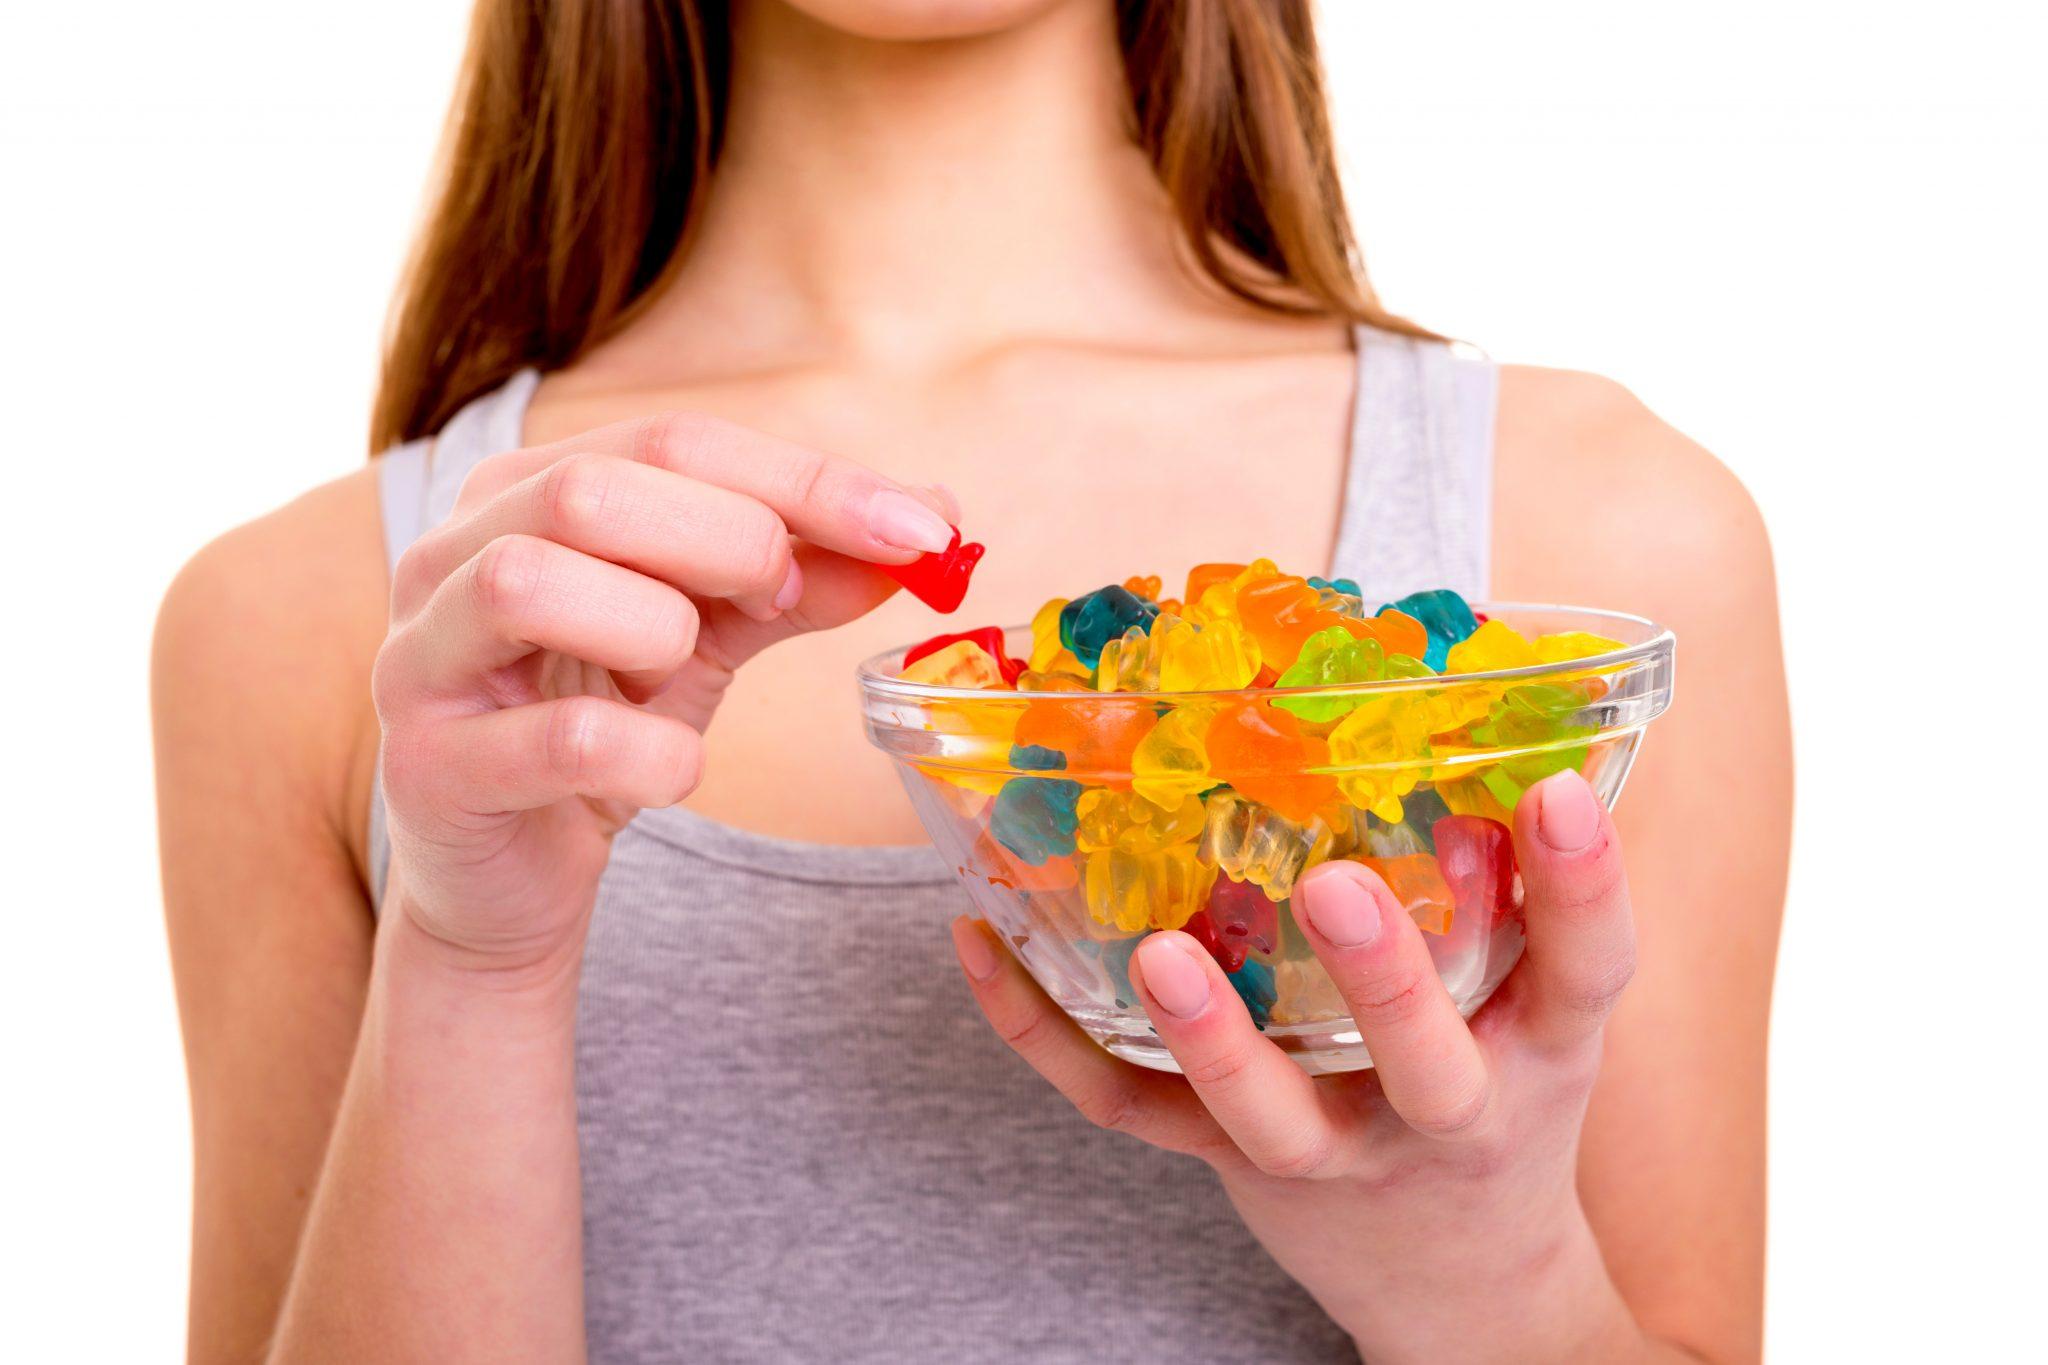 グミを食べている女性